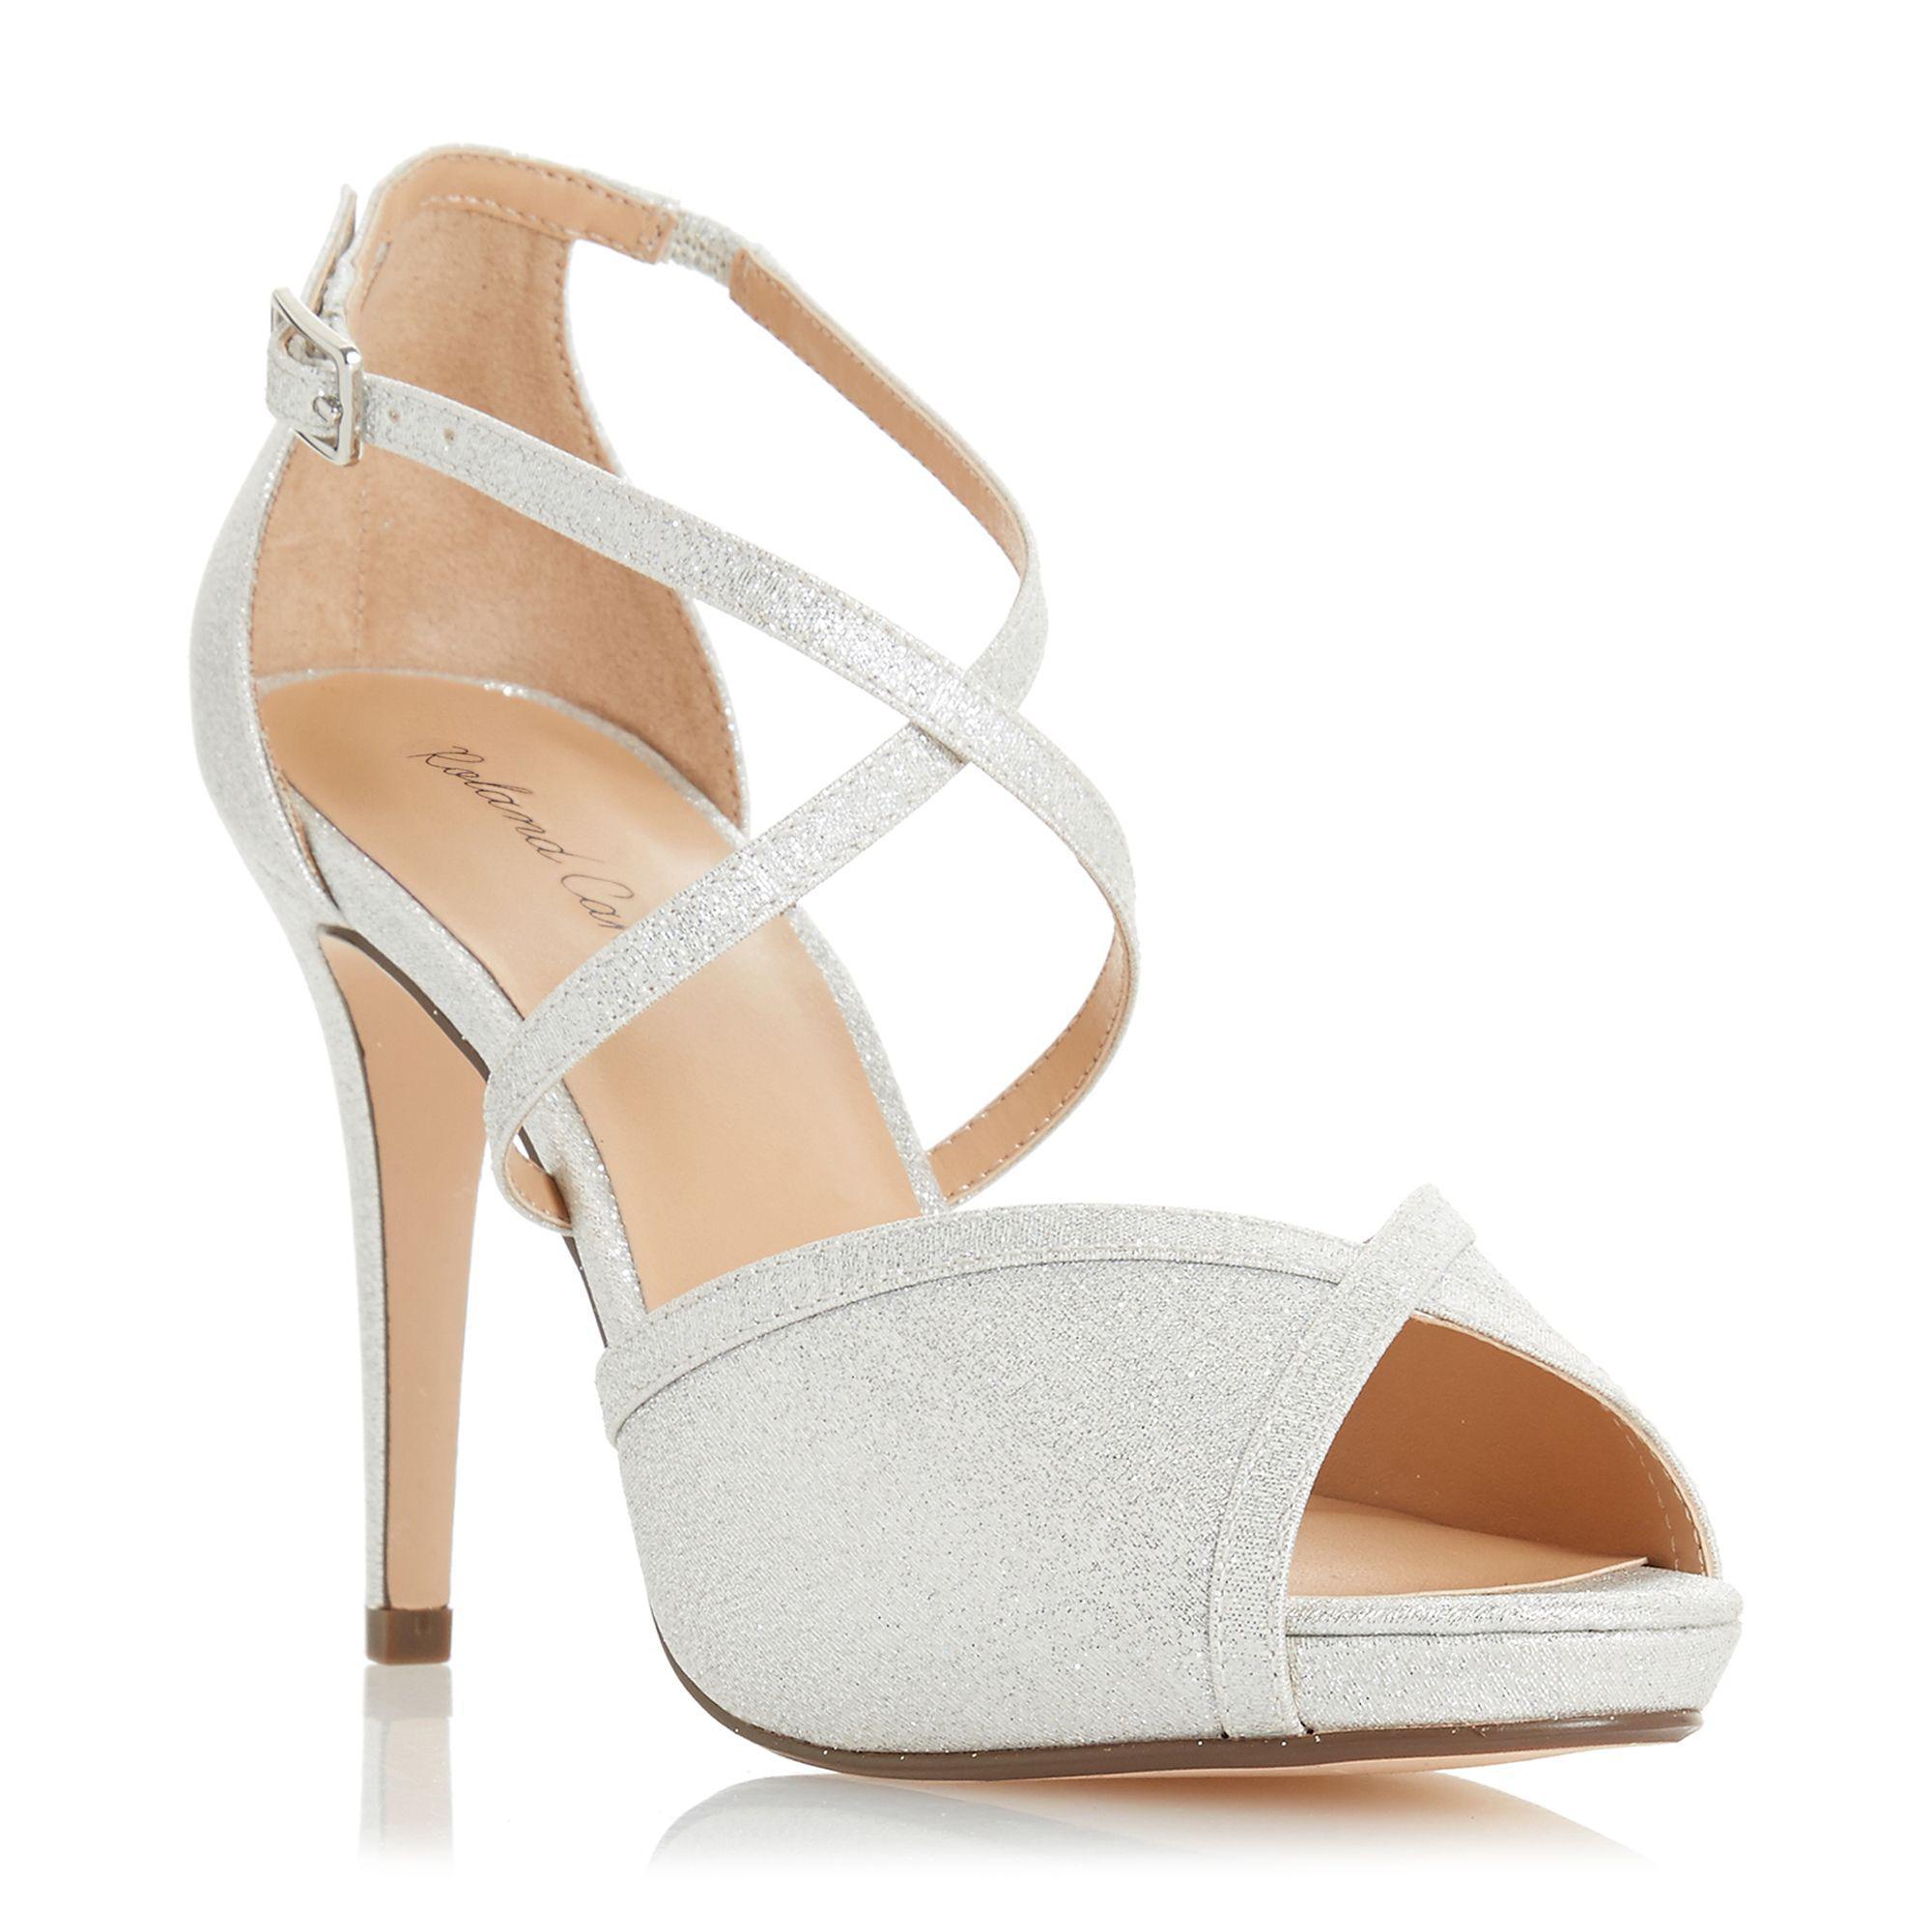 bd7d9e75537 Roland Cartier - Metallic Silver  minnie  High Stiletto Heel Peep Toe  Sandals - Lyst. View fullscreen